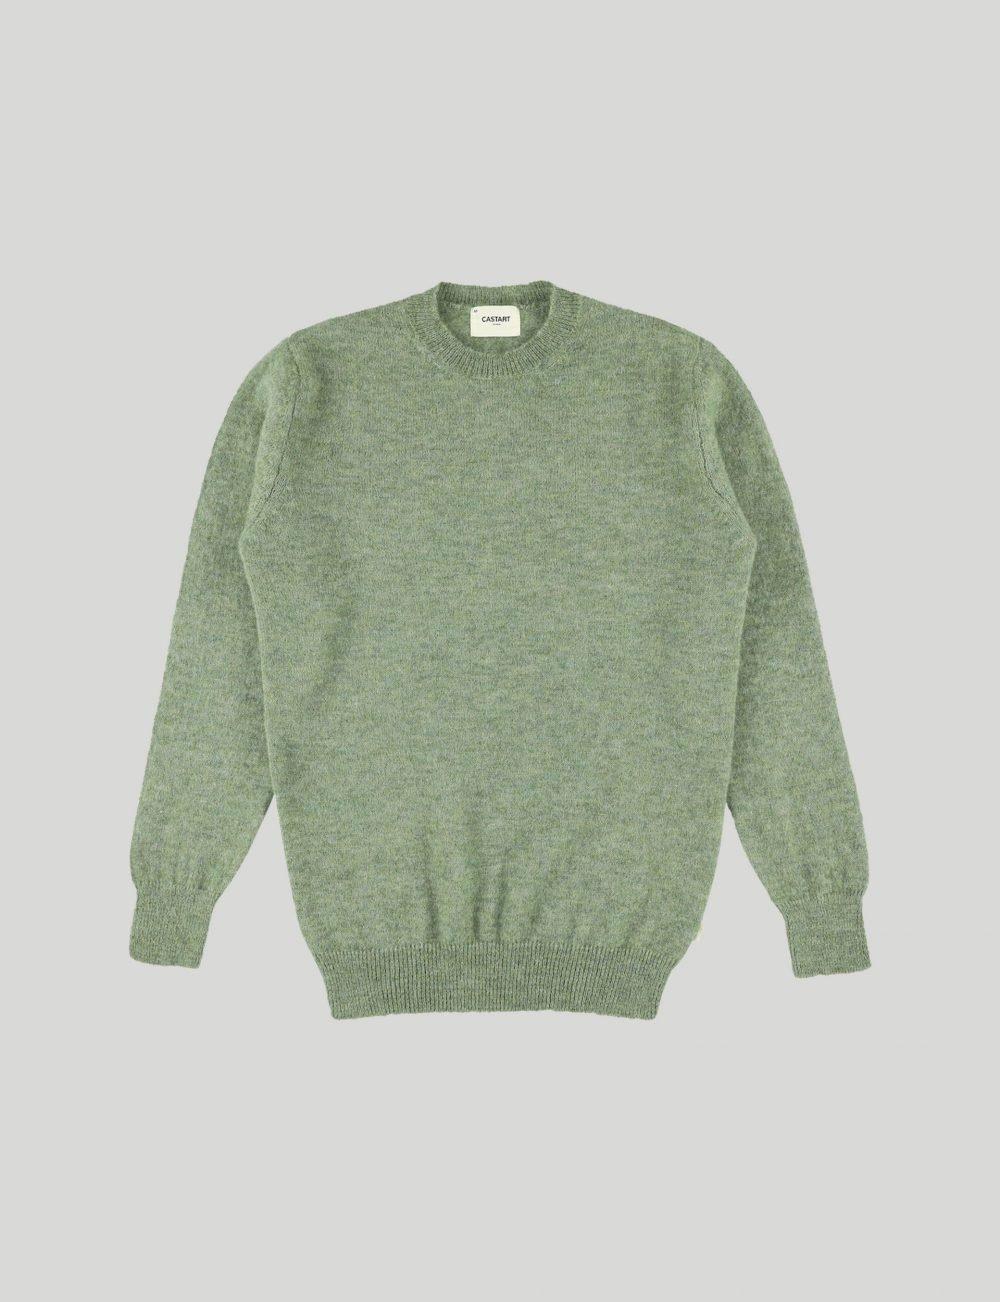 Castart - The Flirt Knitwear - Mint